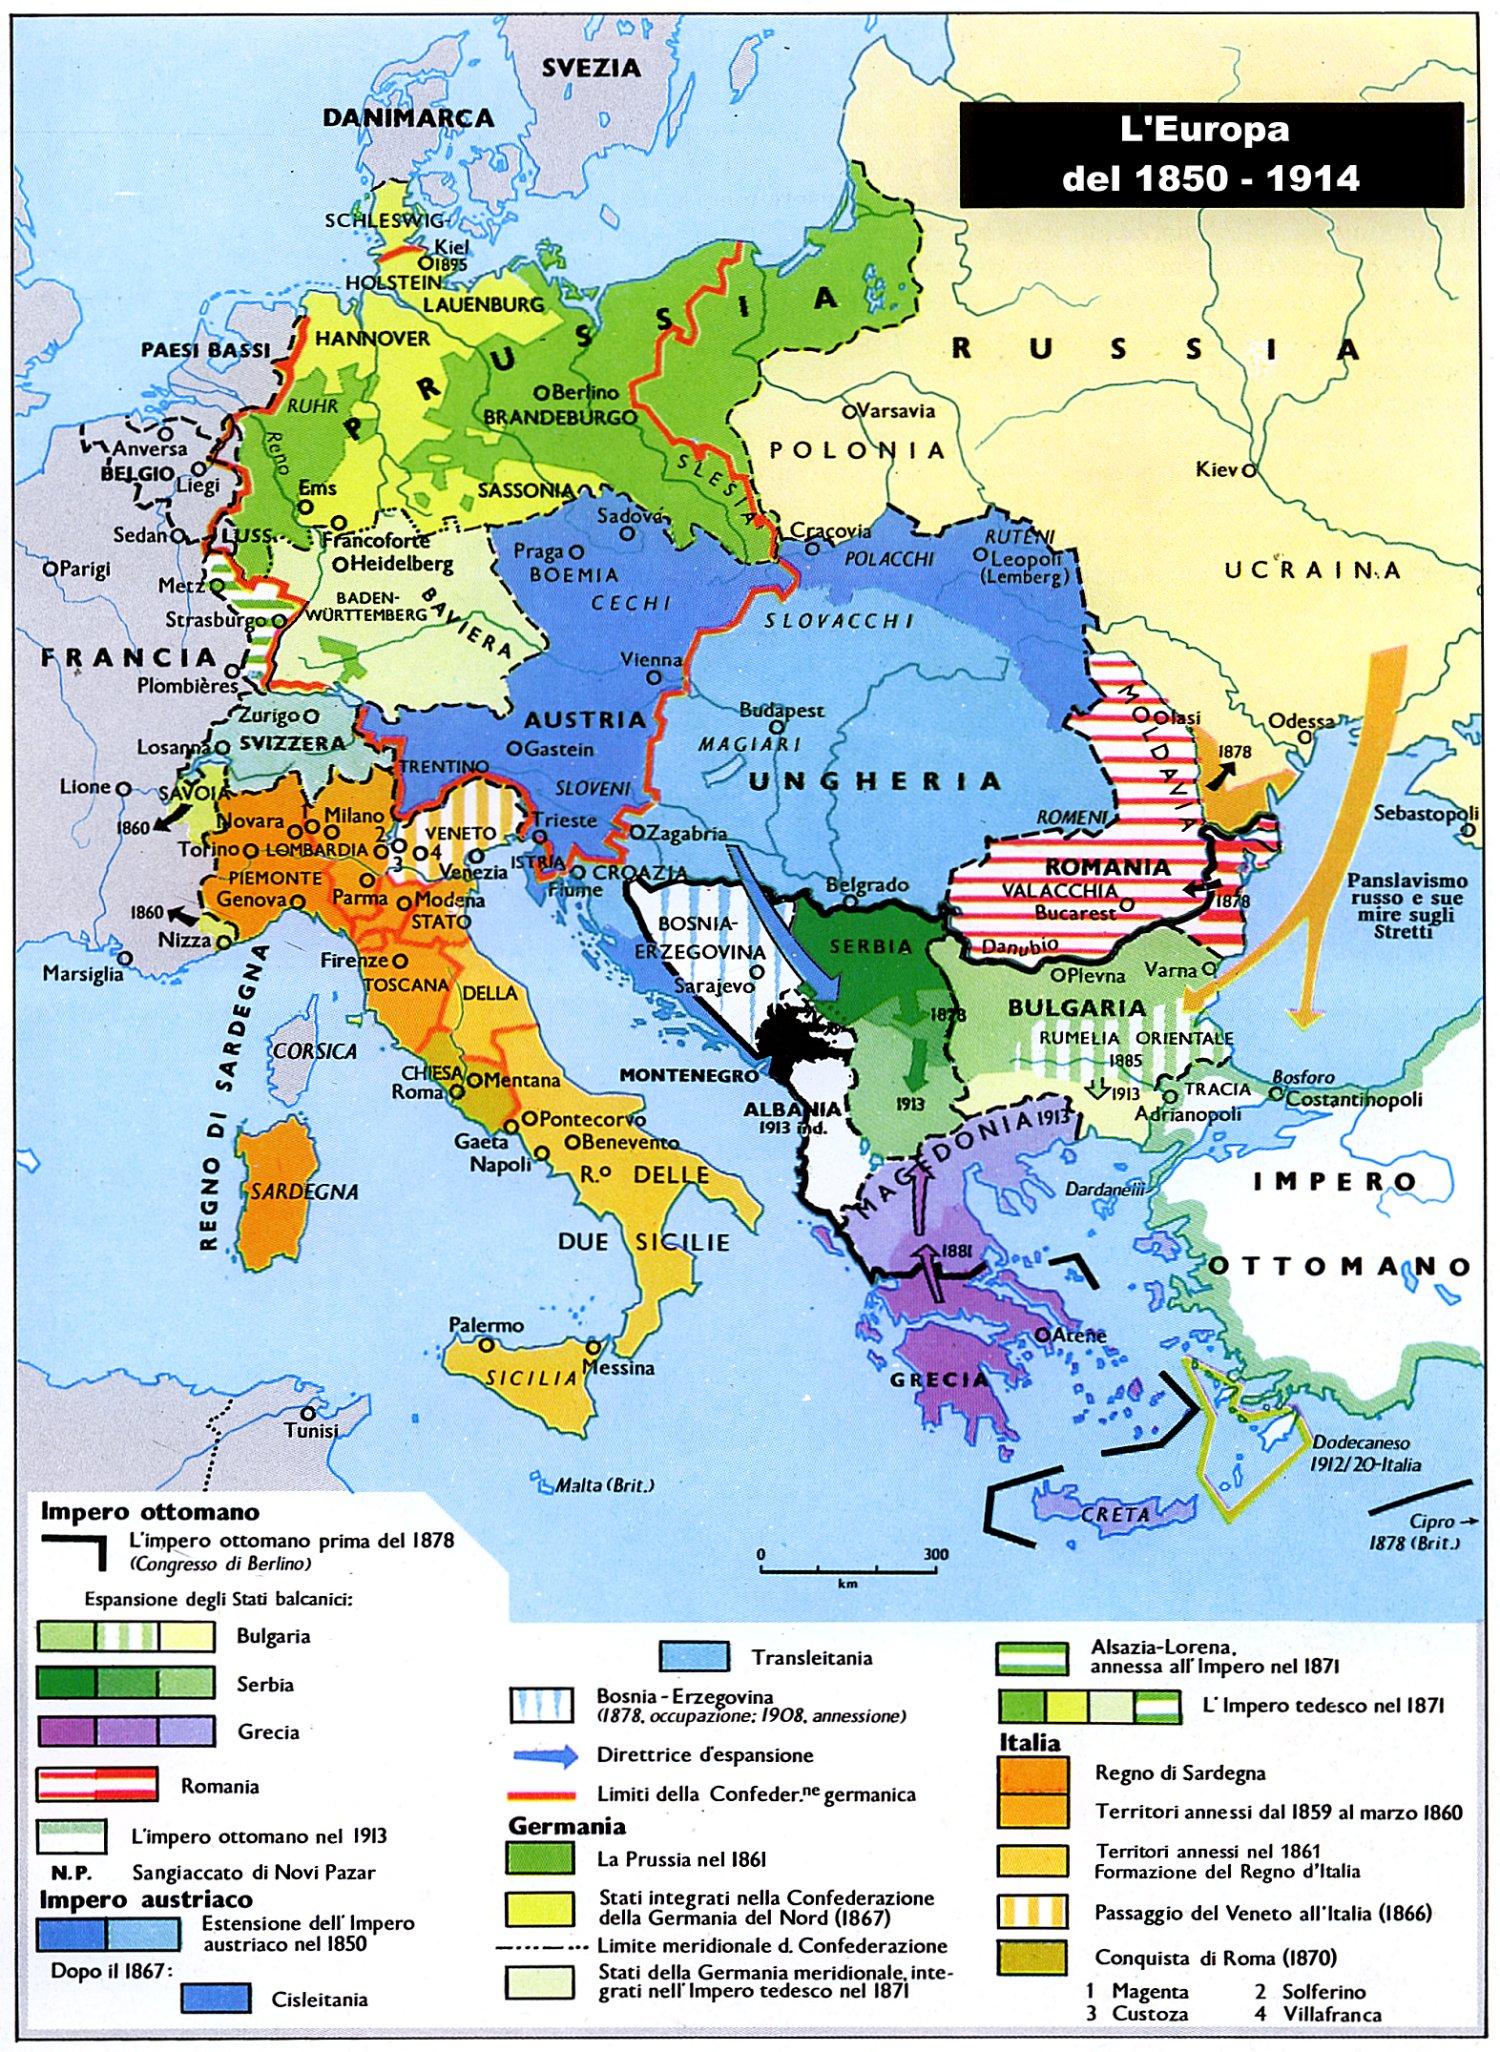 La Prima Guerra Mondiale Cartina.Breve Riassunto Della Grande Guerra Prima Guerra Mondiale